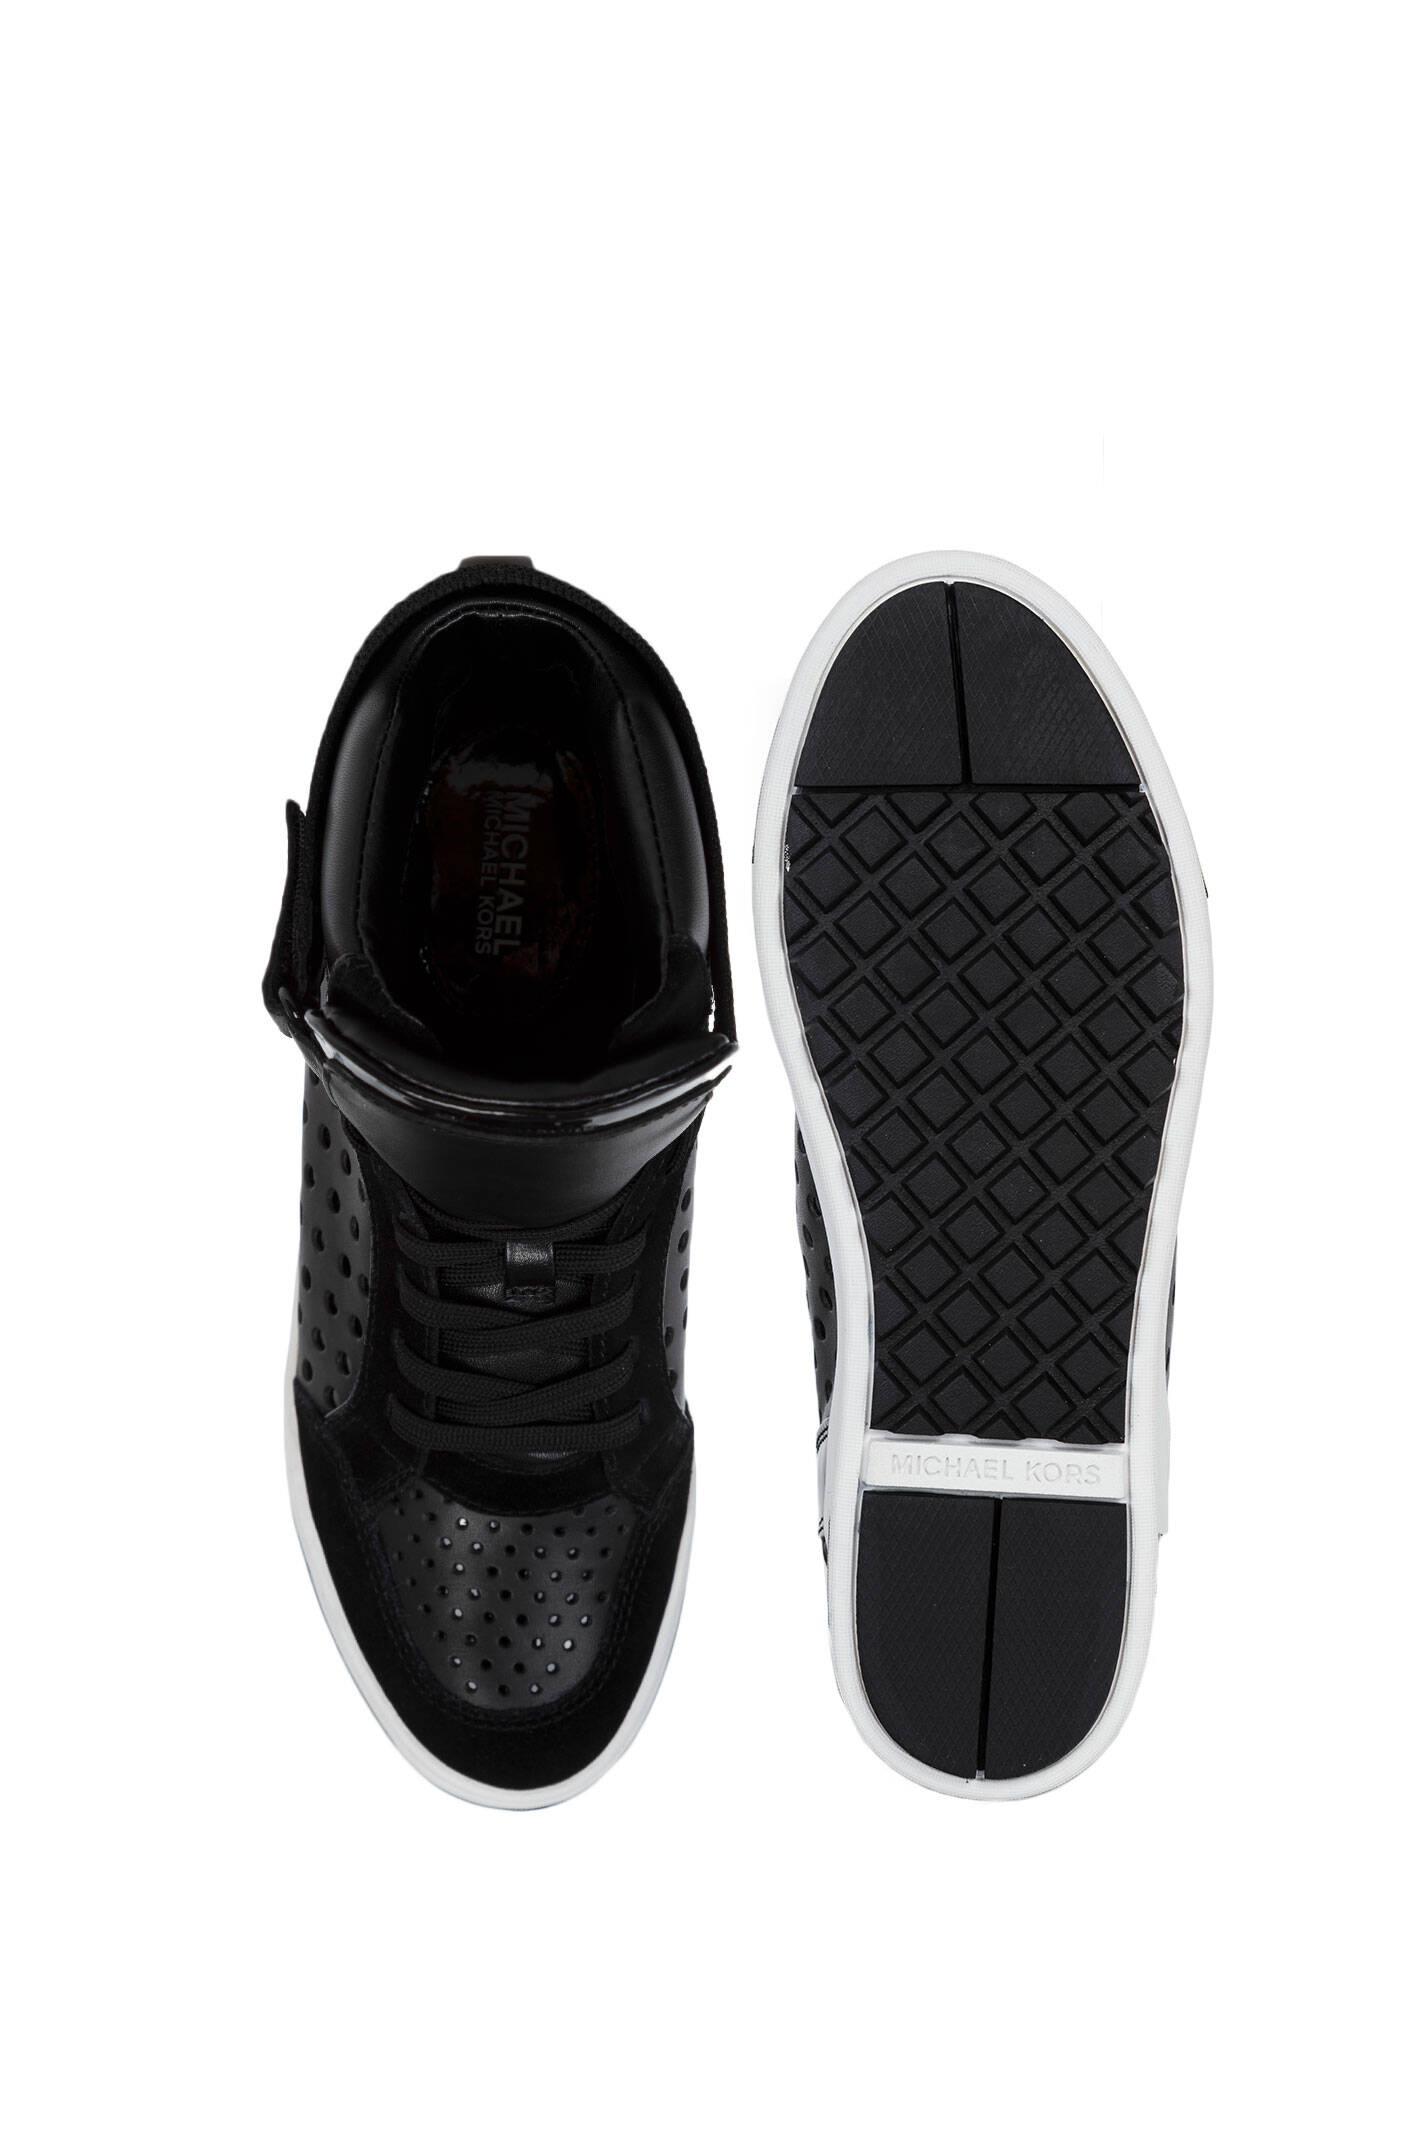 a0f2070857a86 Sneakersy Pia High Top Michael Kors | Czarny | Gomez.pl